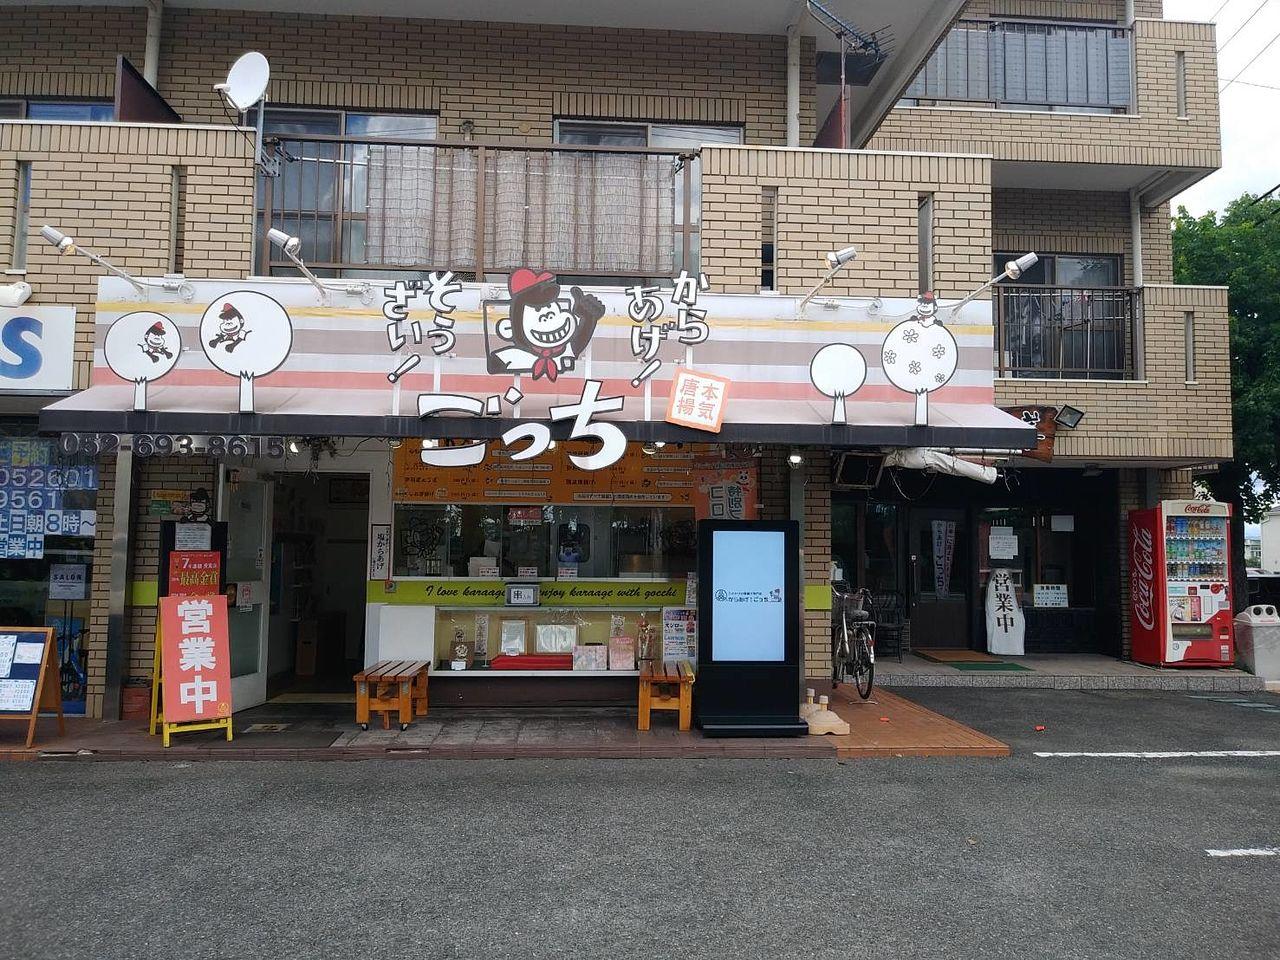 東海市富貴ノ台 こだわりの唐揚げ専門店 からあげ!ごっち 今更のご紹介です!